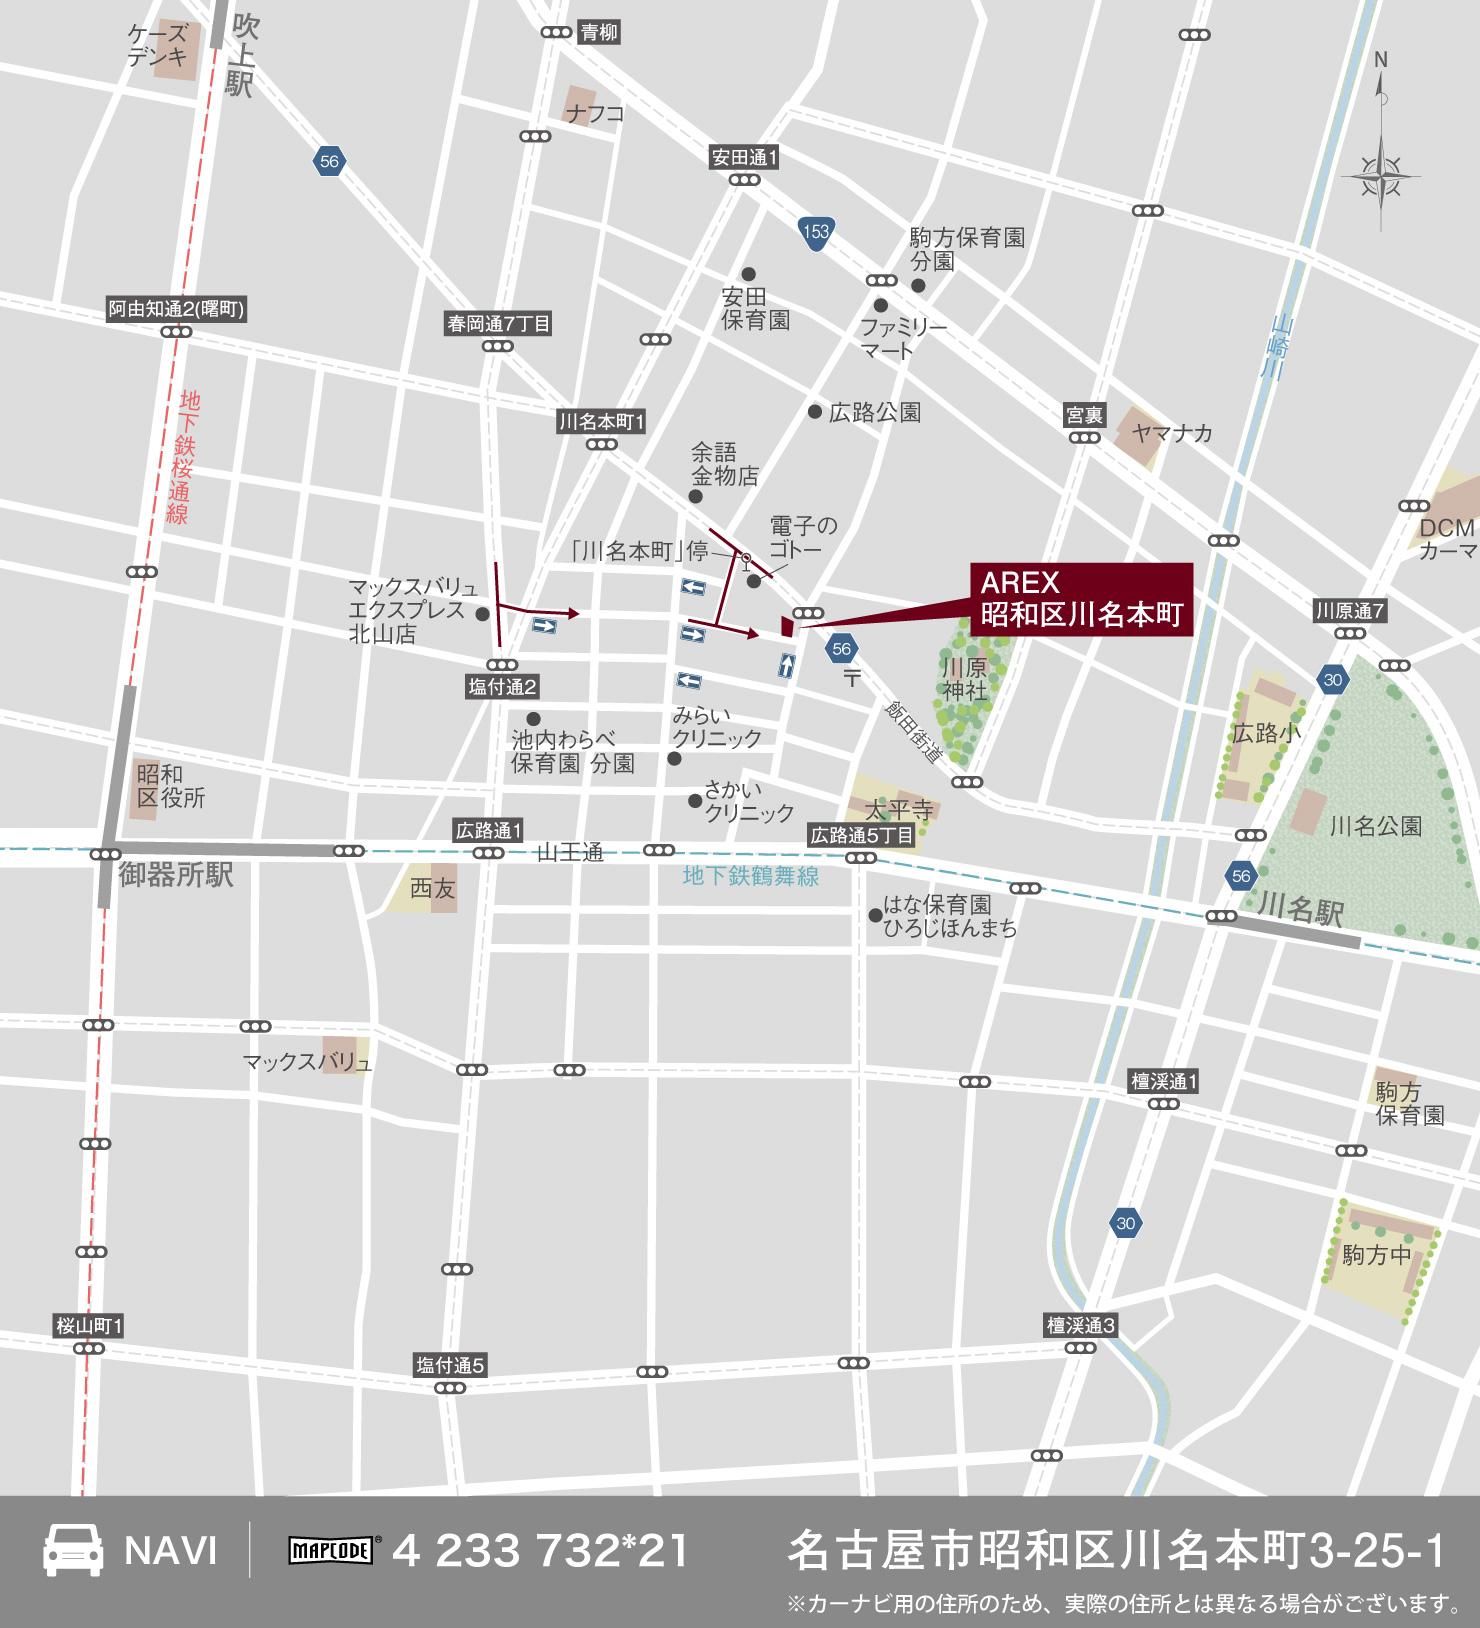 3_地図_昭和区川名本町